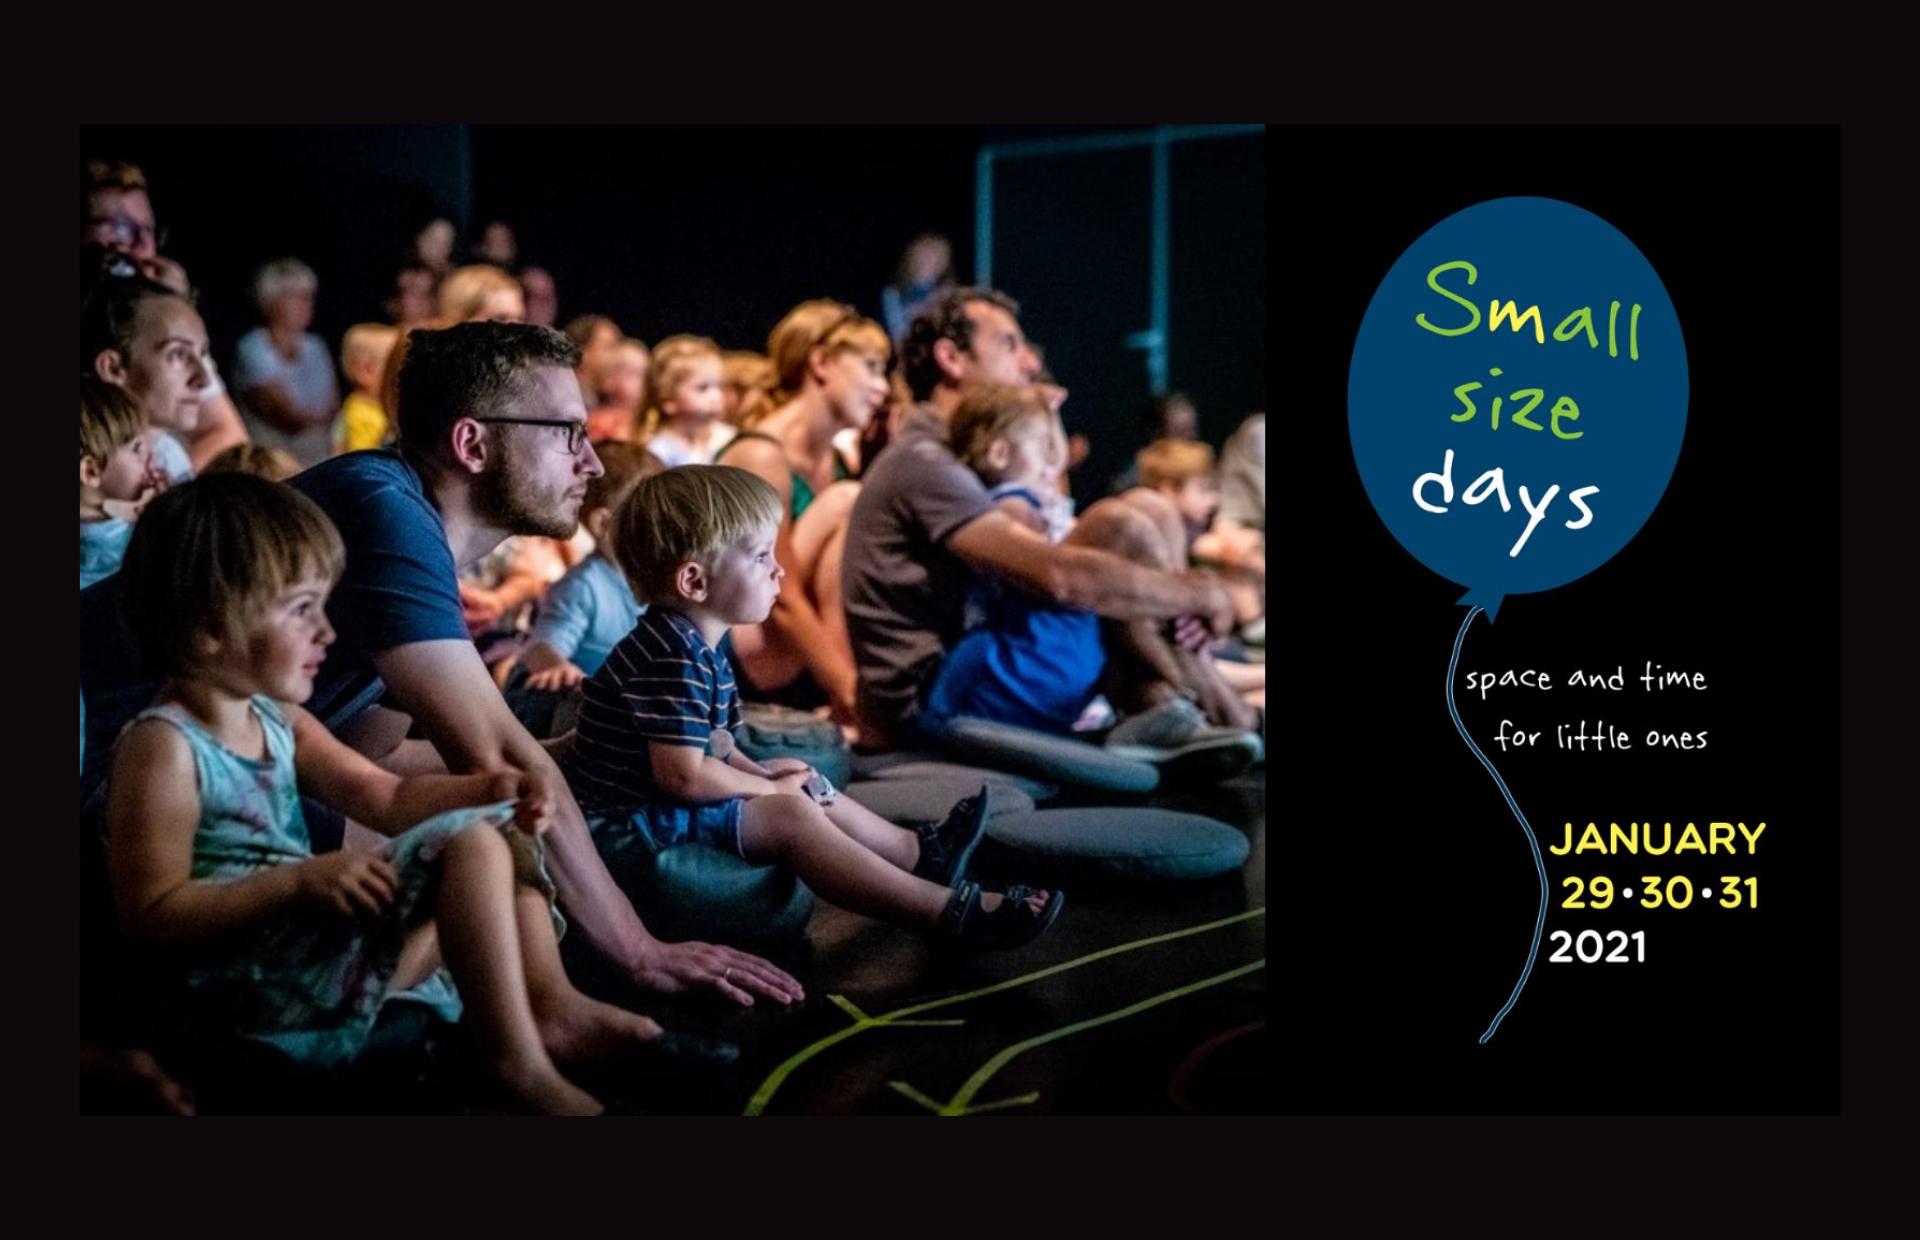 Η Artika γιορτάζει τις Small Size Days 2021 με δωρεάν ψηφιακό εργαστήριο για παιδιά 0-6 χρονών!